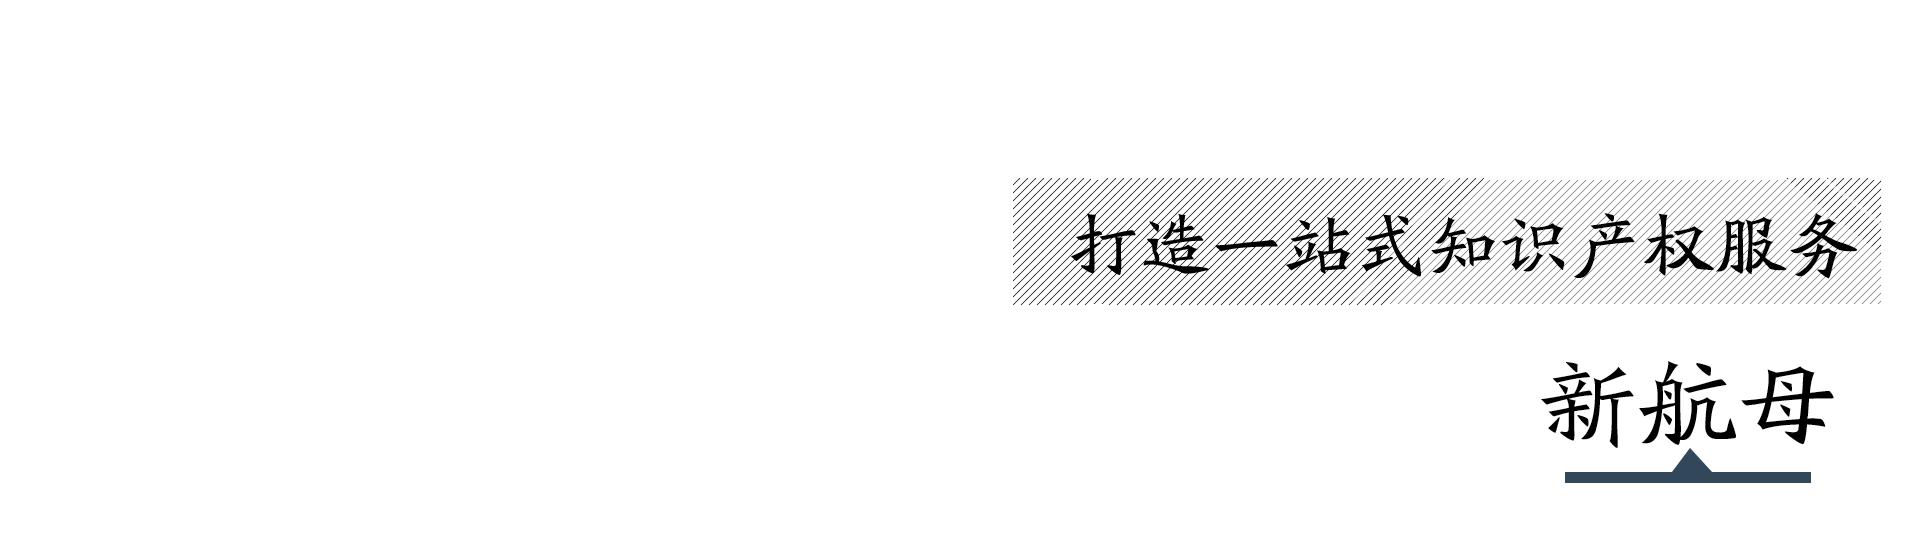 知识产权注册